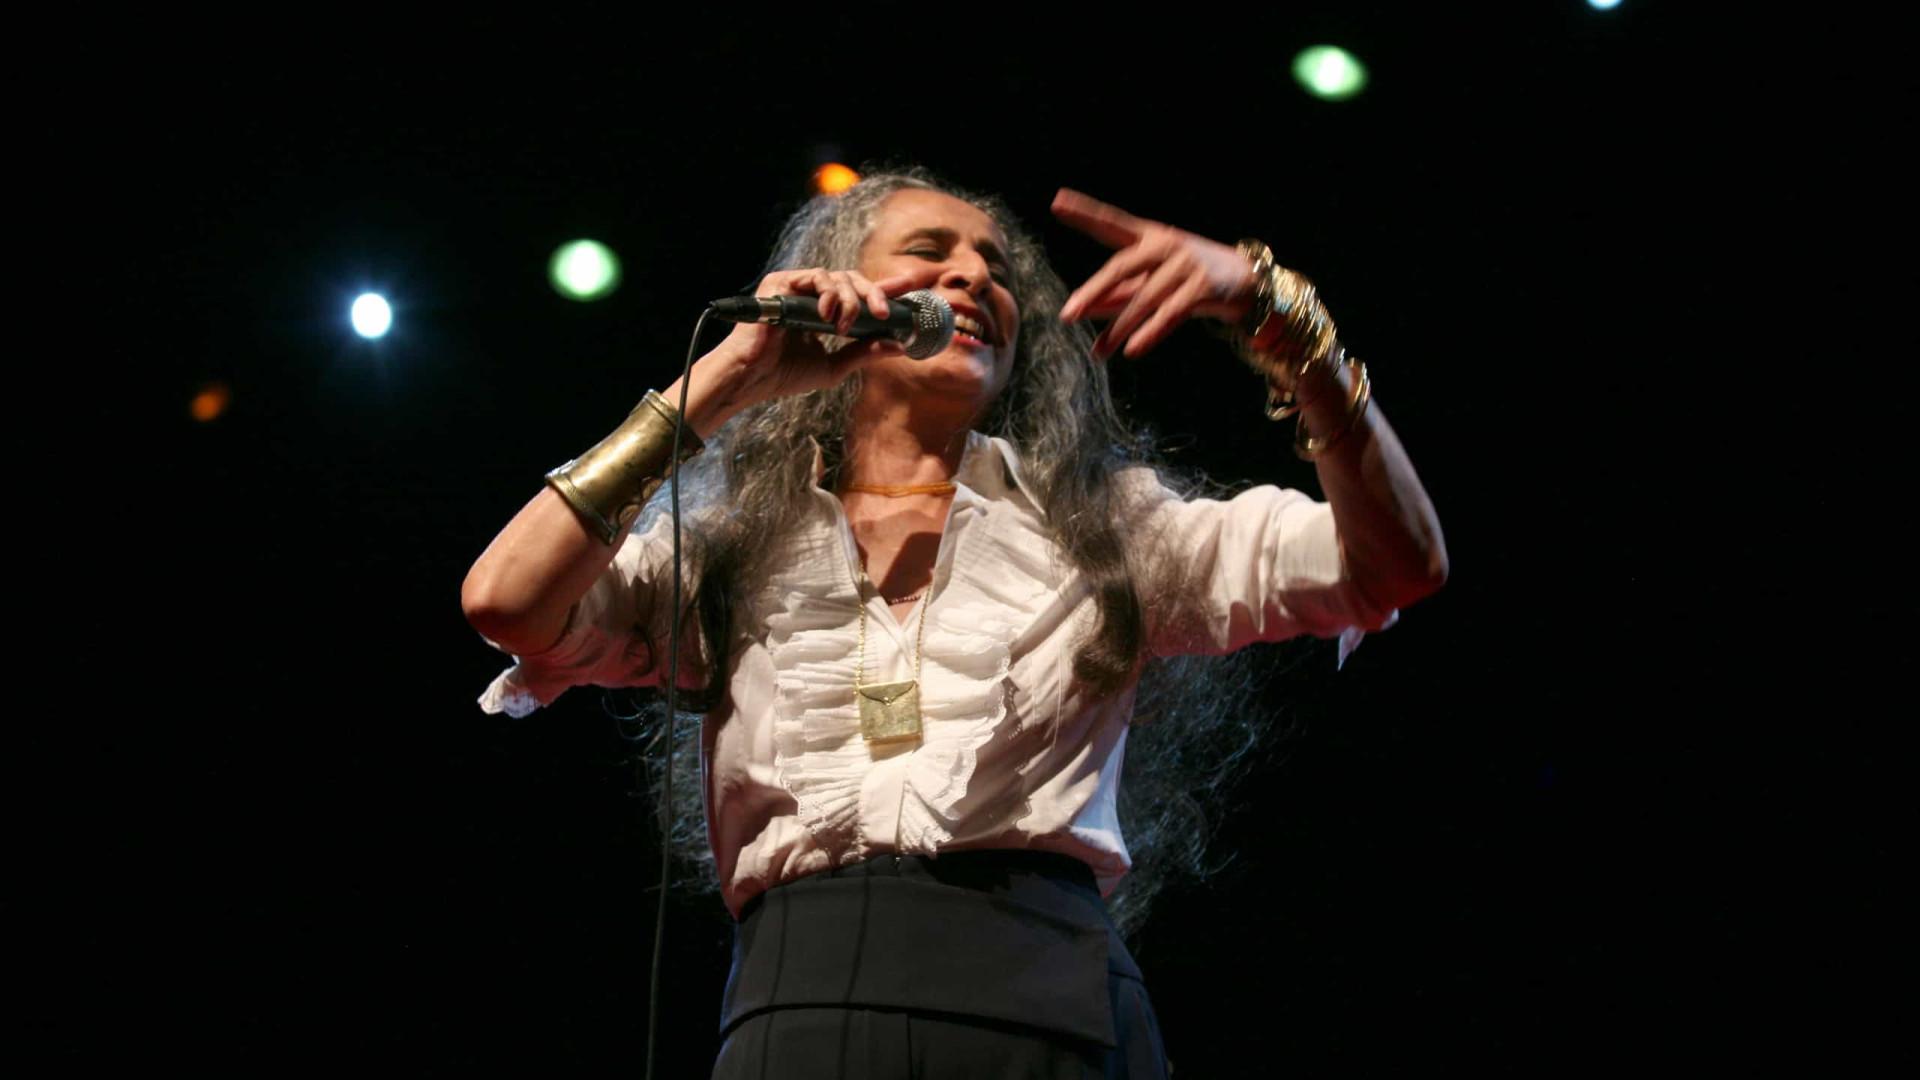 Maria Bethânia prepara sua primeira live sem fingir que tudo está normal